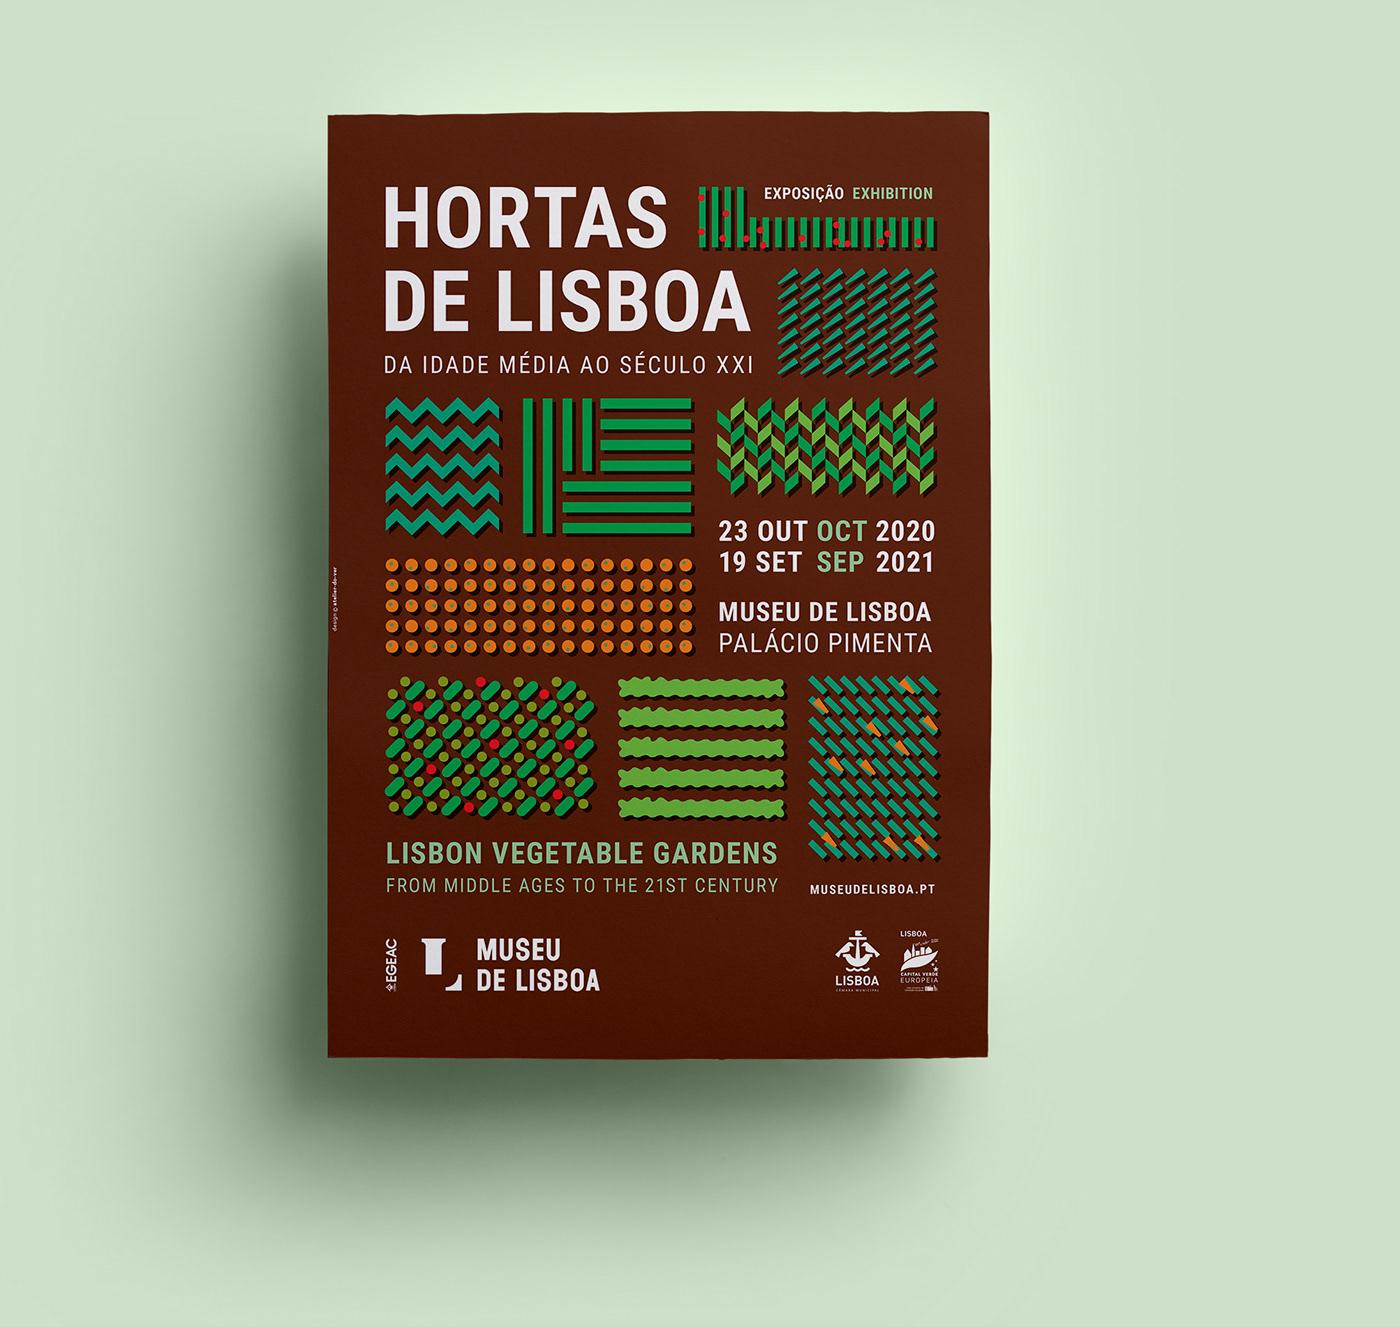 capitalverdeeuropeia2020 cartaz Exposição grafico lisboa MuseudeLisboa poster motion